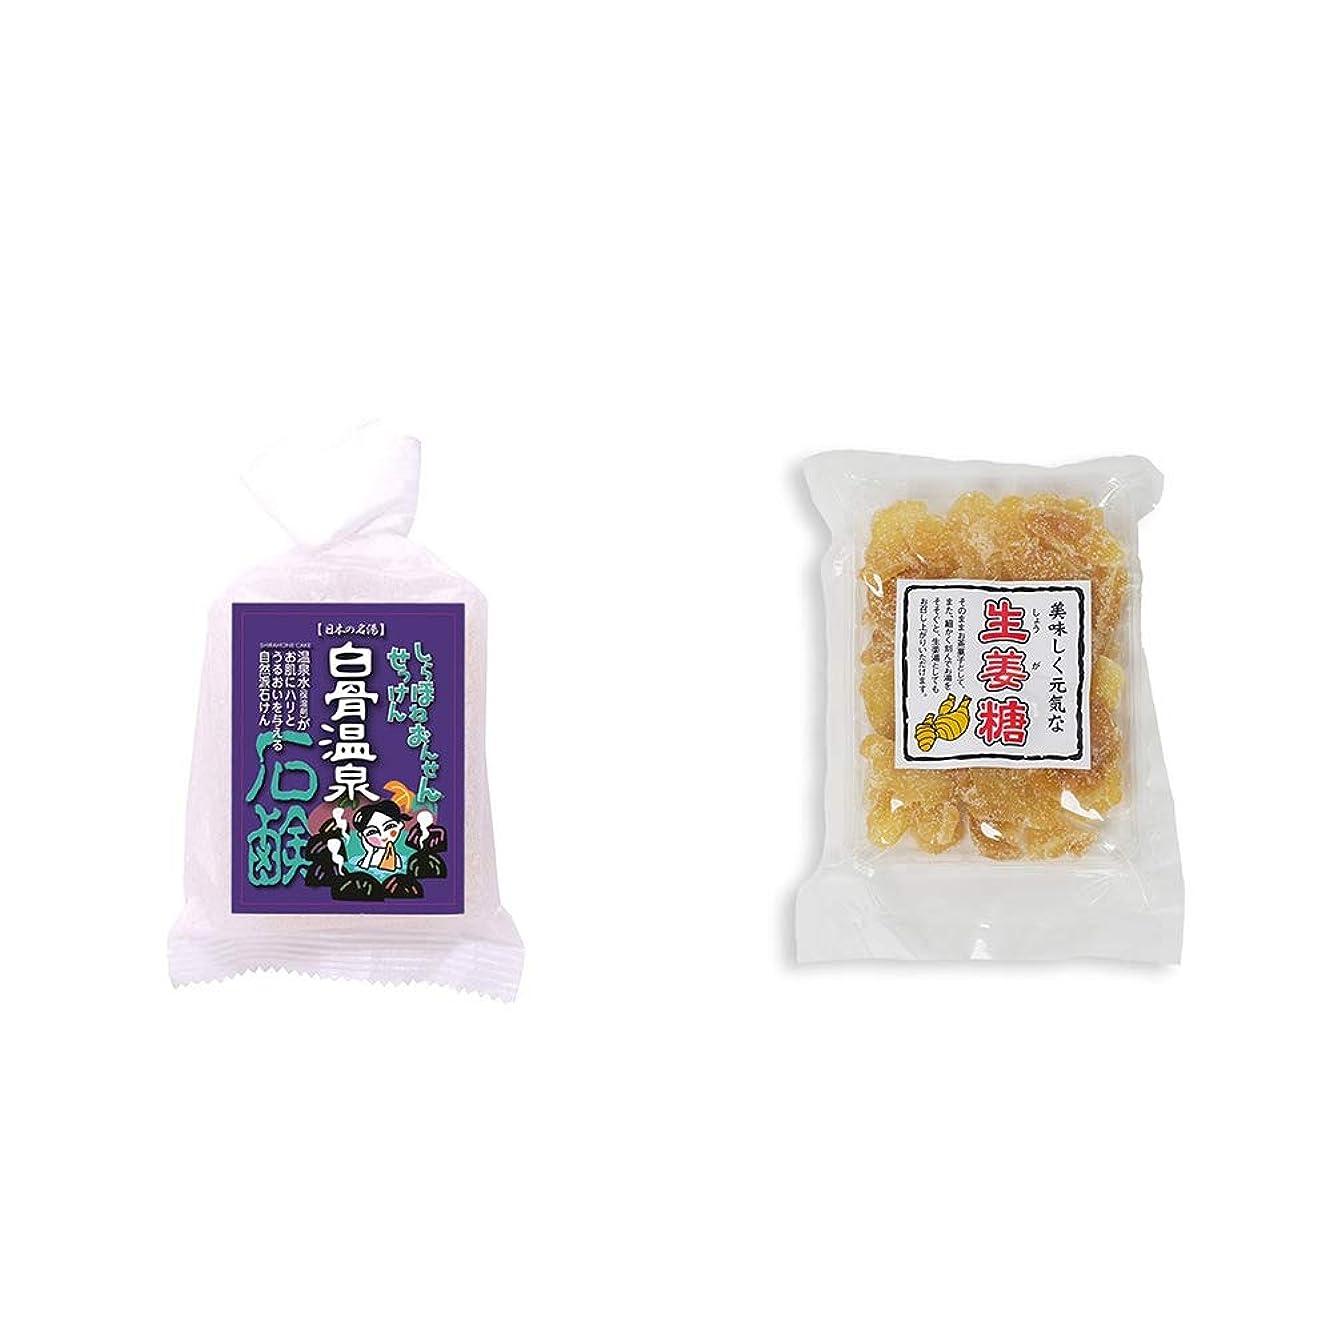 食い違い浪費健全[2点セット] 信州 白骨温泉石鹸(80g)?生姜糖(230g)